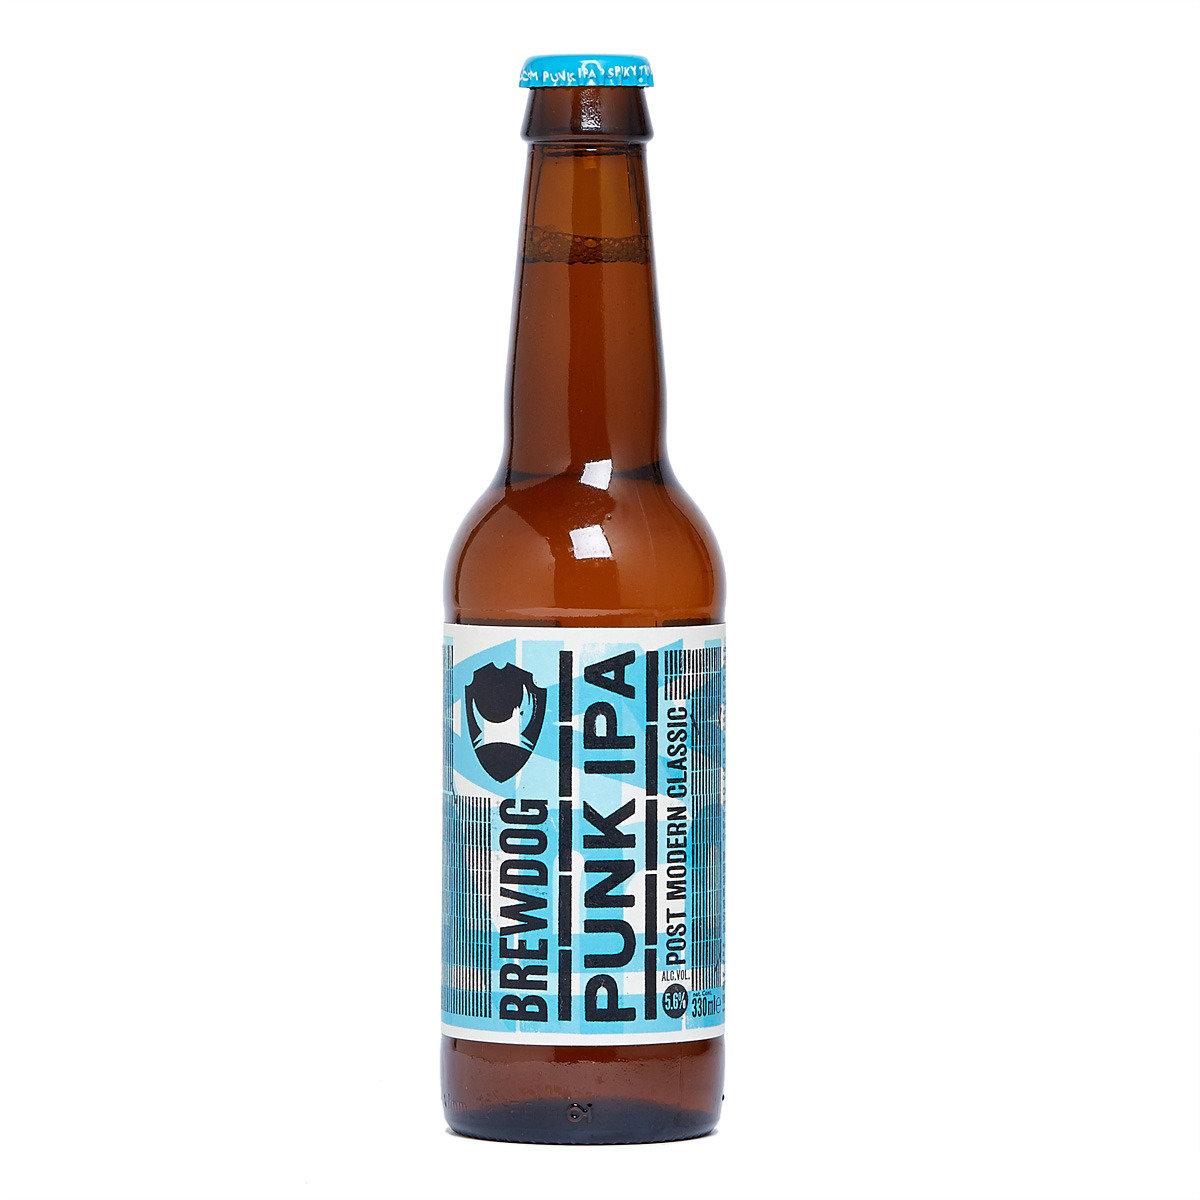 Punk IPA 啤酒